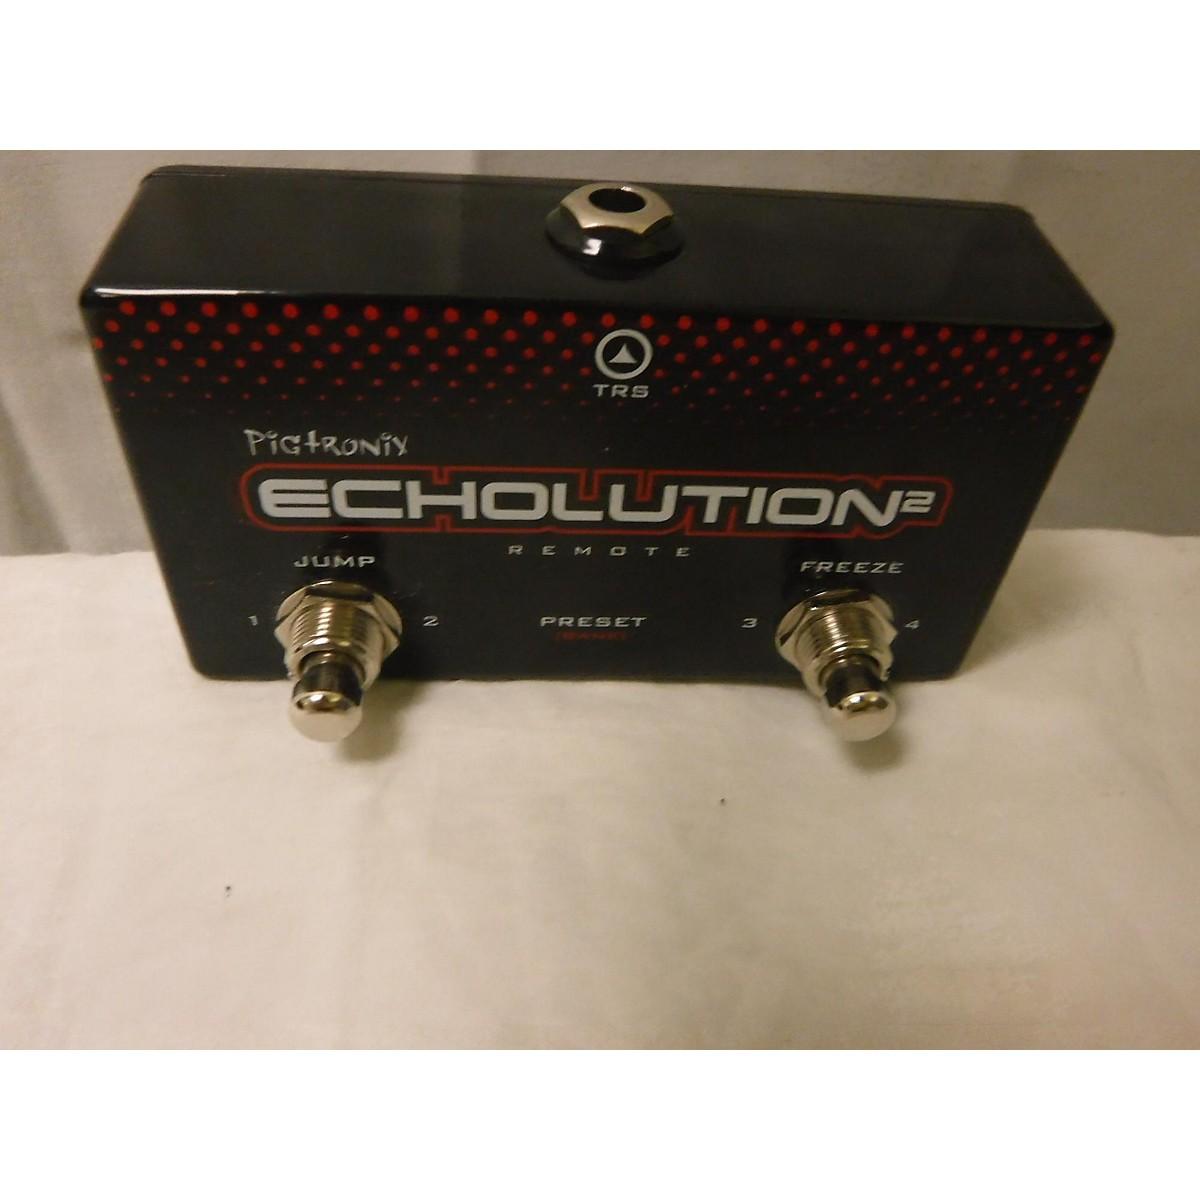 Pigtronix Echolution2 Remote Effect Pedal